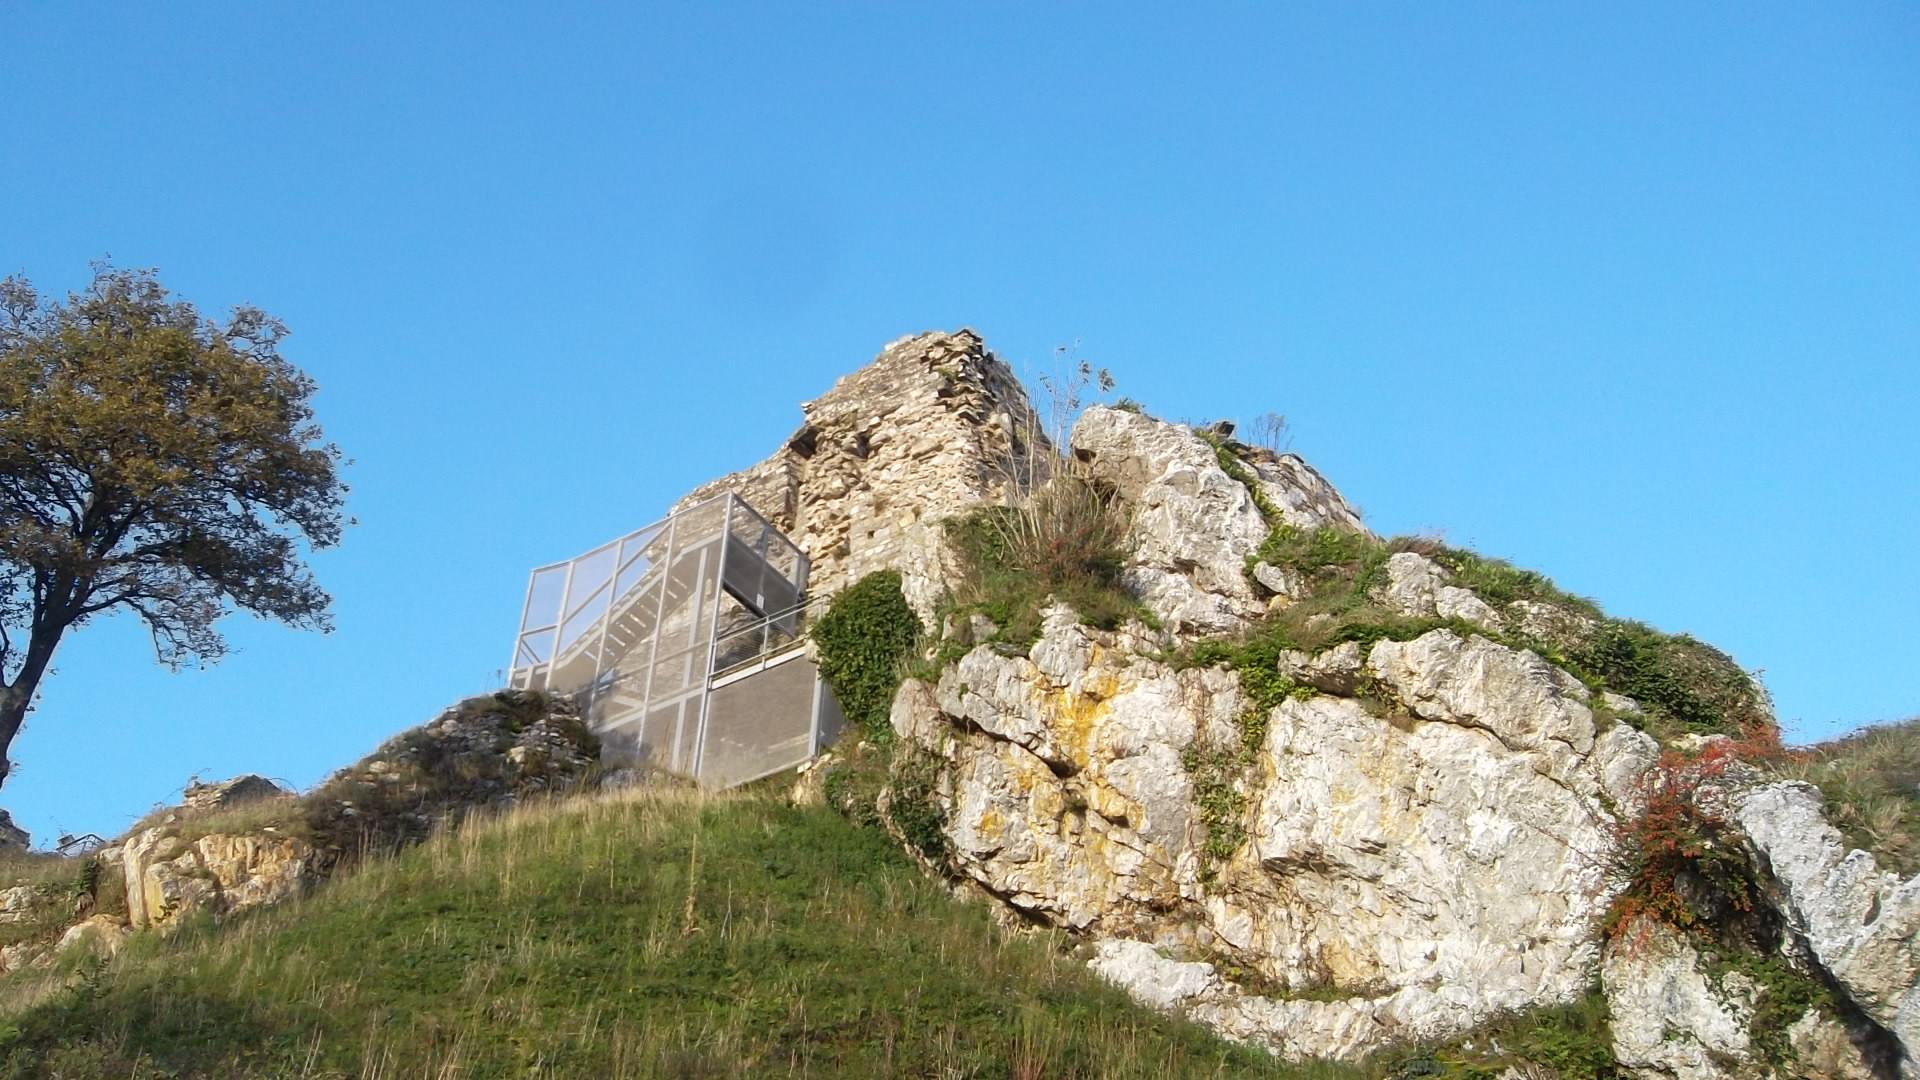 la-roc-maurice-castle-view-front-up-to-castle-nov12